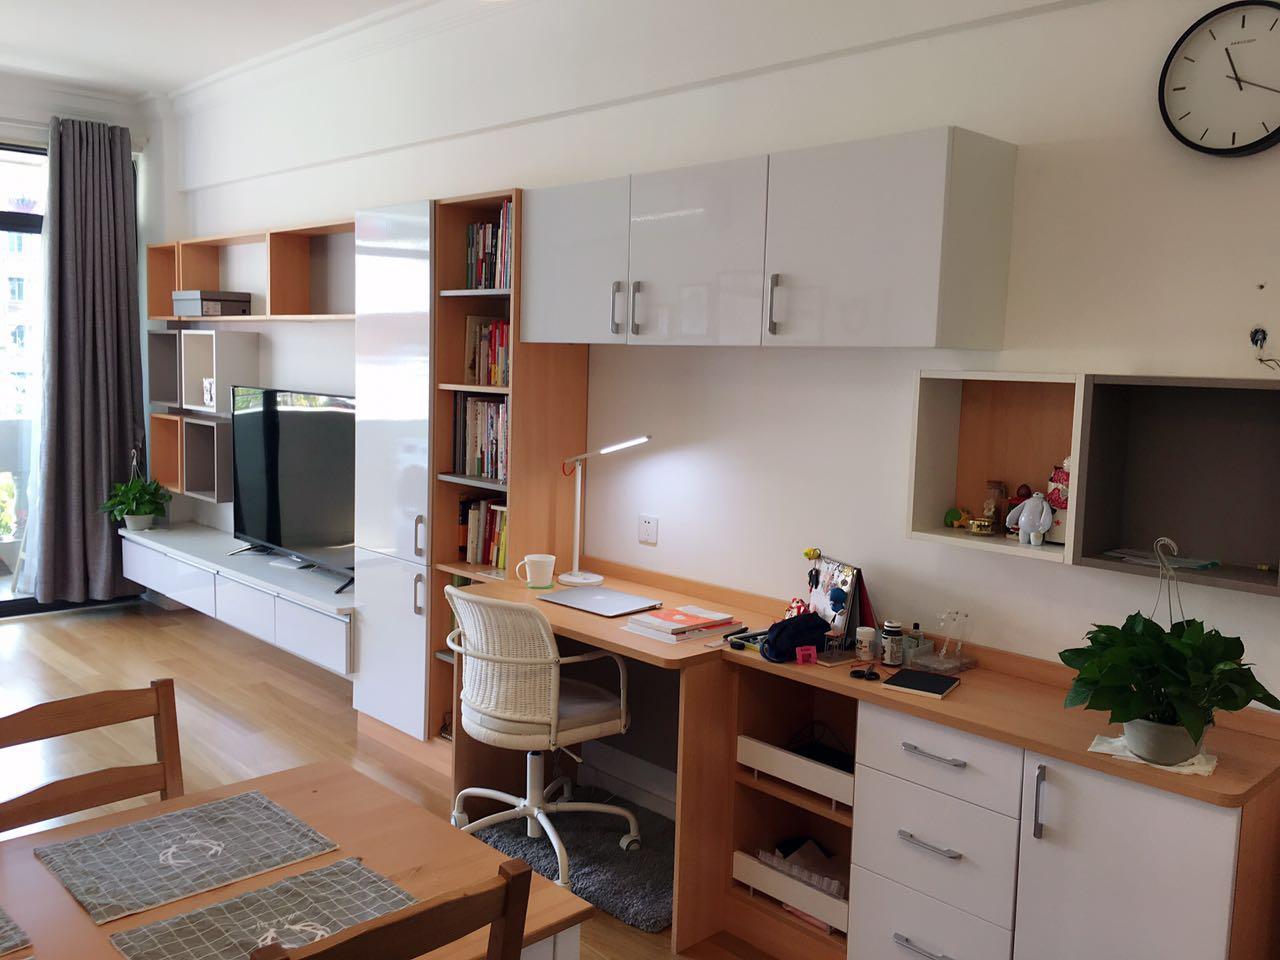 由于房间面积不是很大,因此空间布局紧凑,每个地方都要充分利用。